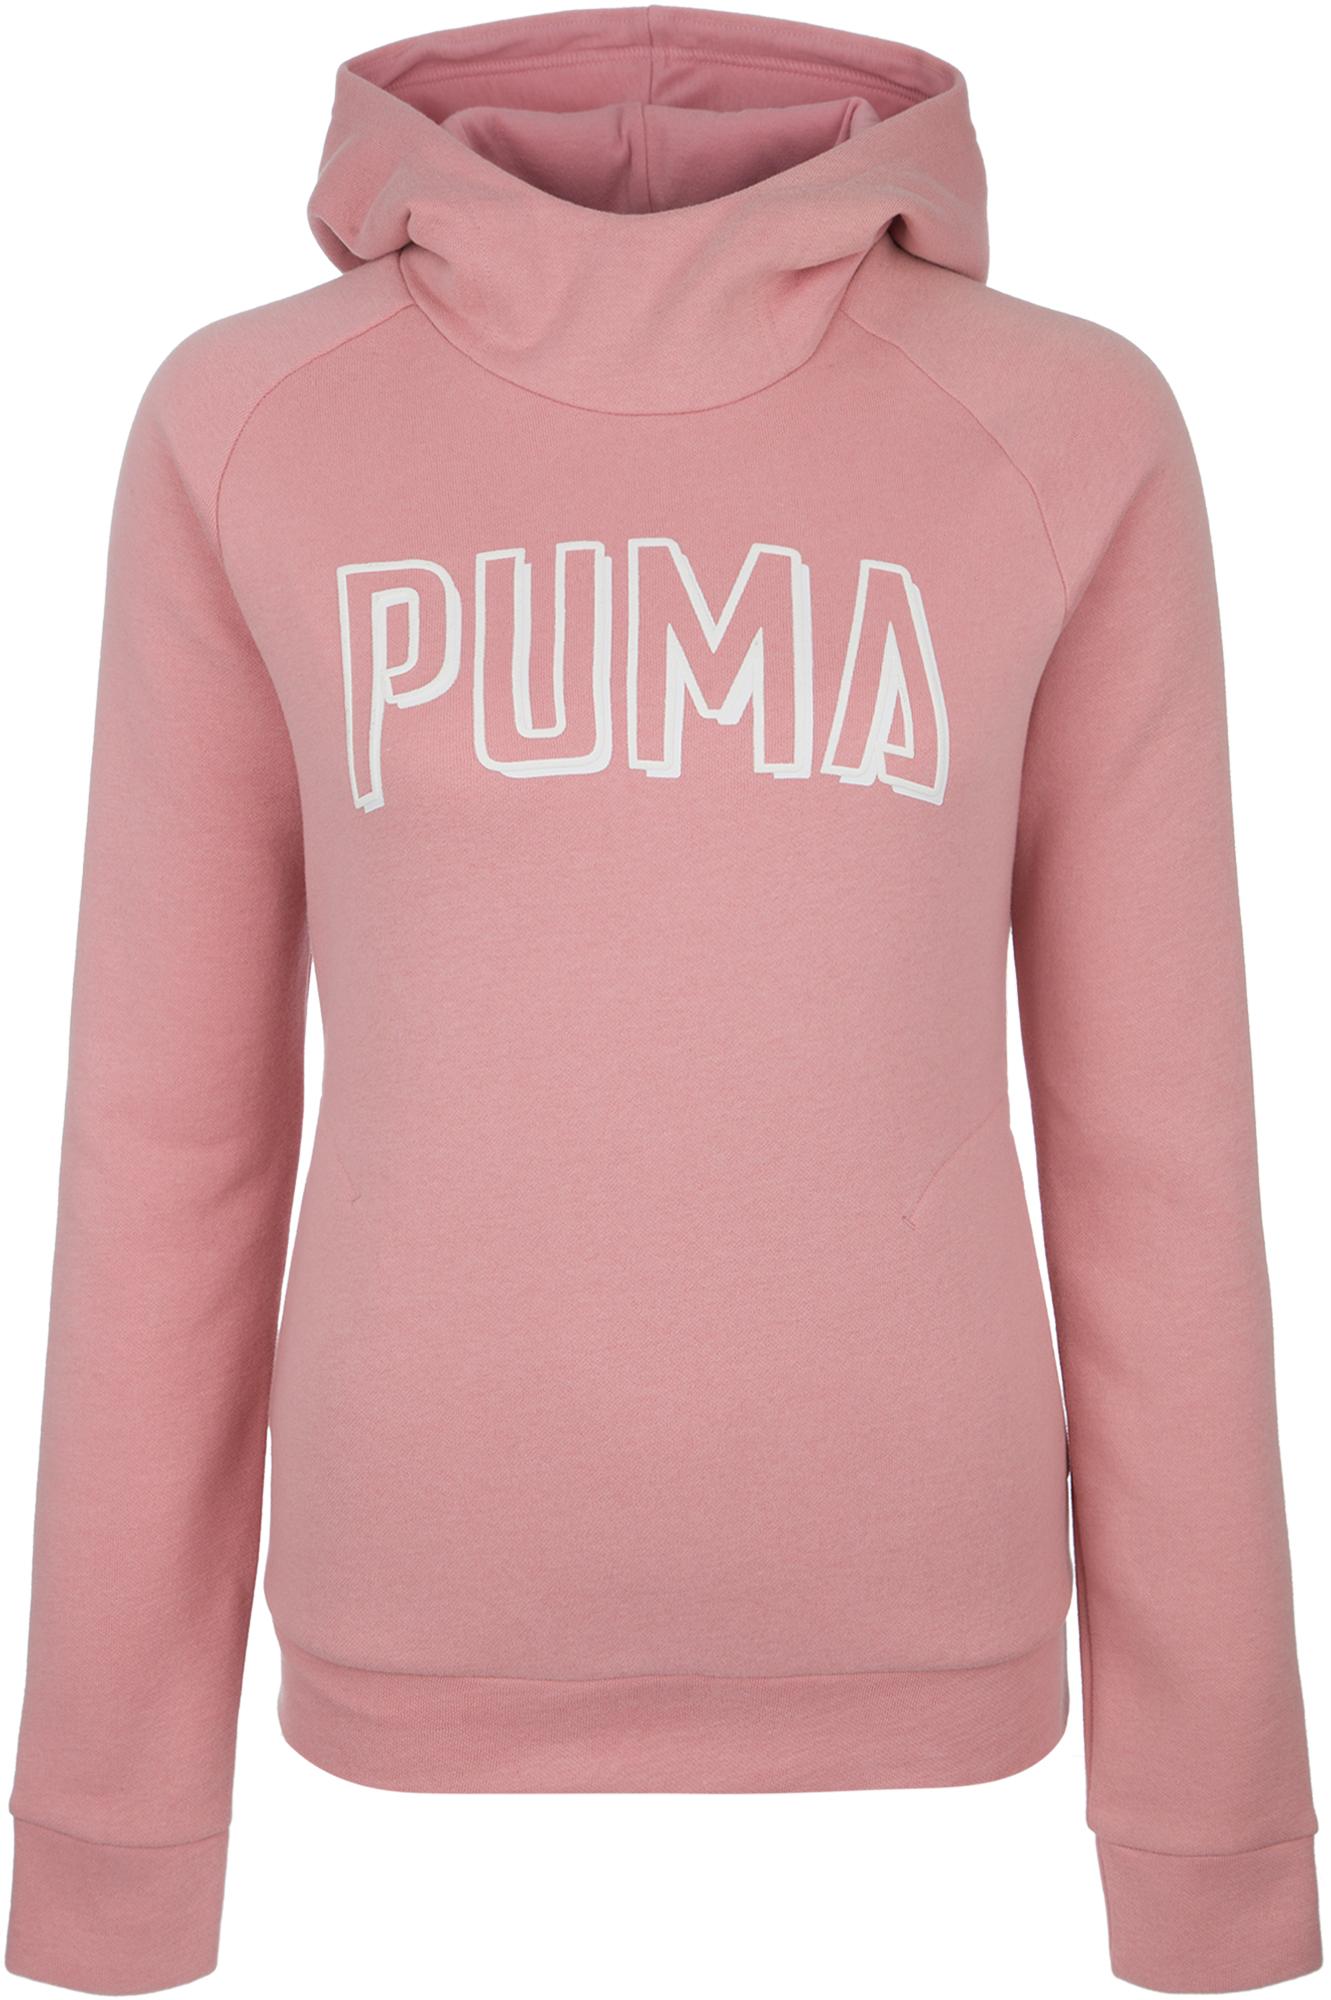 Puma Худи женская Athletics, размер 46-48